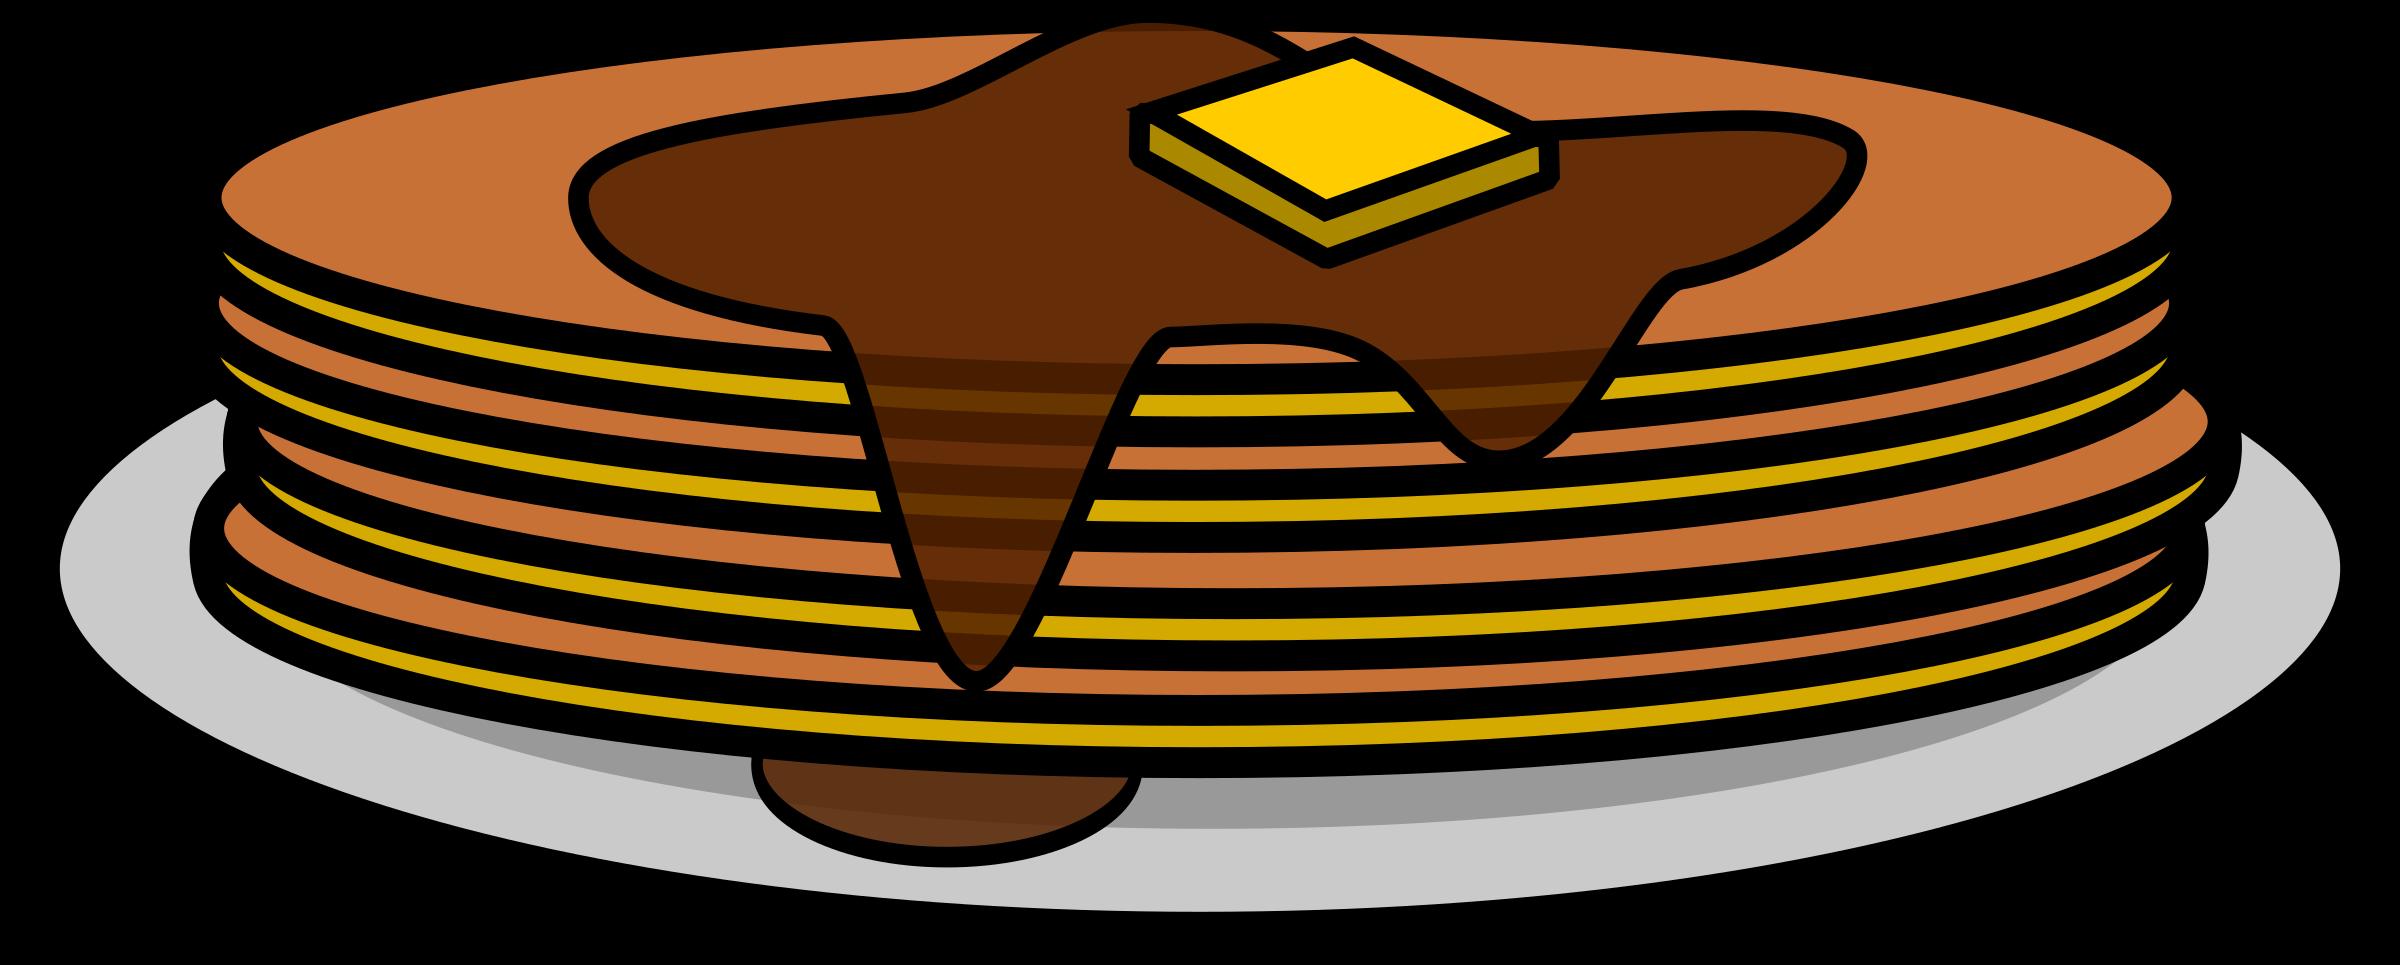 Pancake clipart stack pancake Pancakes Pancakes Clipart